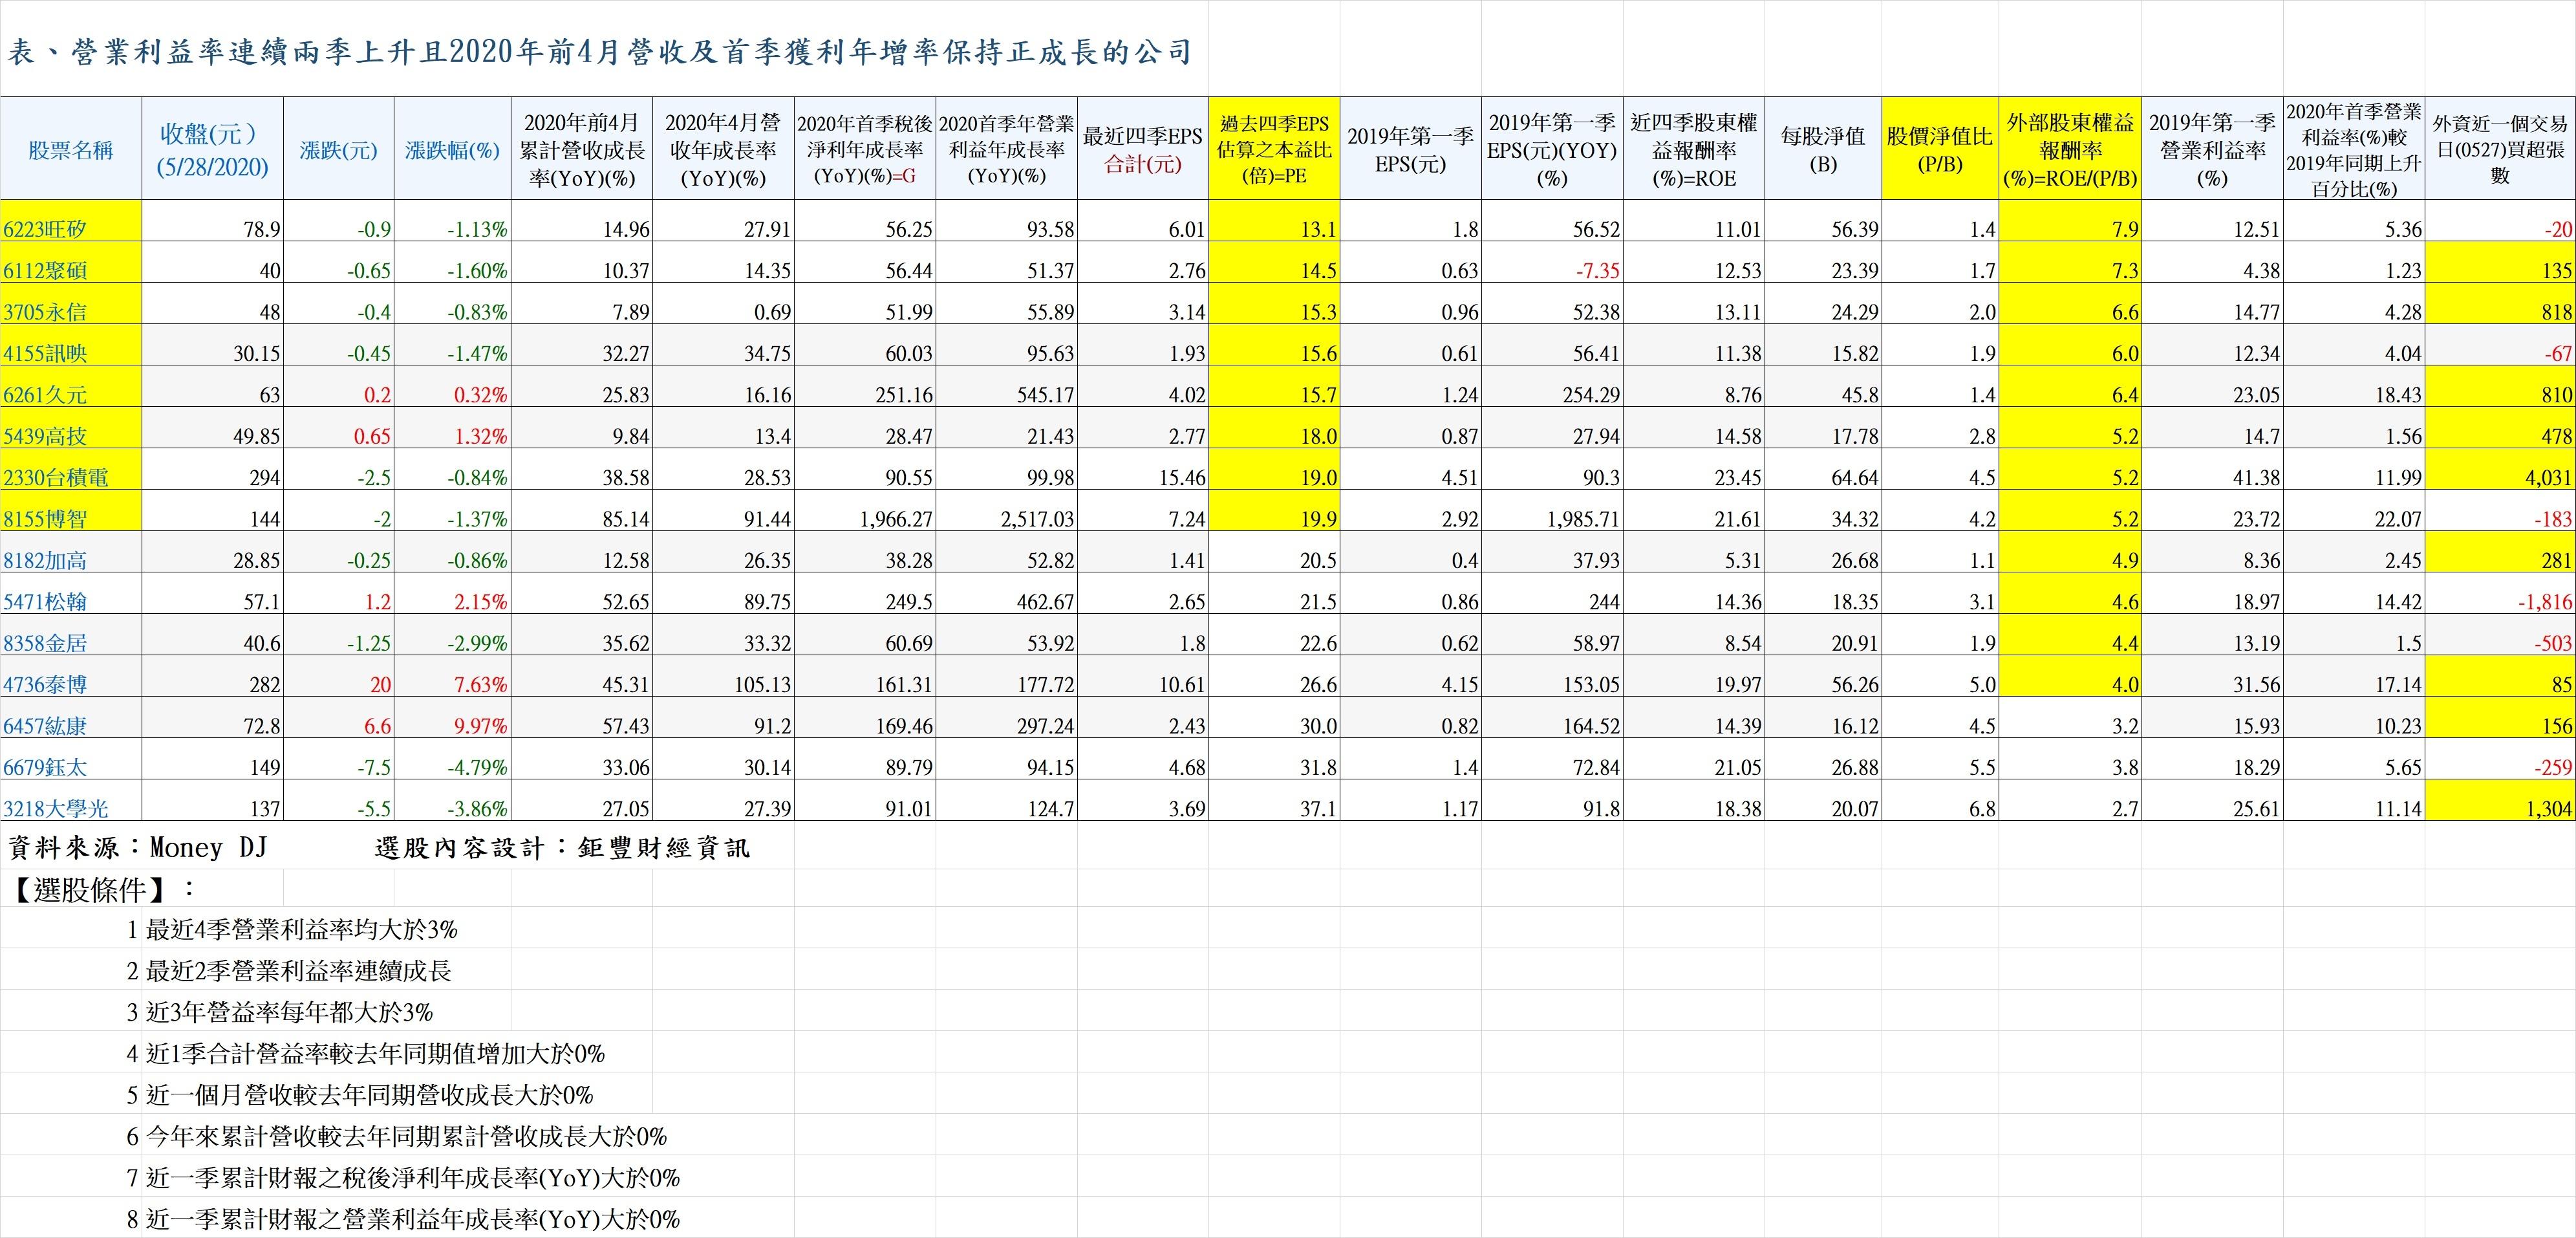 20200528表、營業利益率連續兩季上升且2020年前4月營收及首季獲利年增率保持正成長的公司.jpg